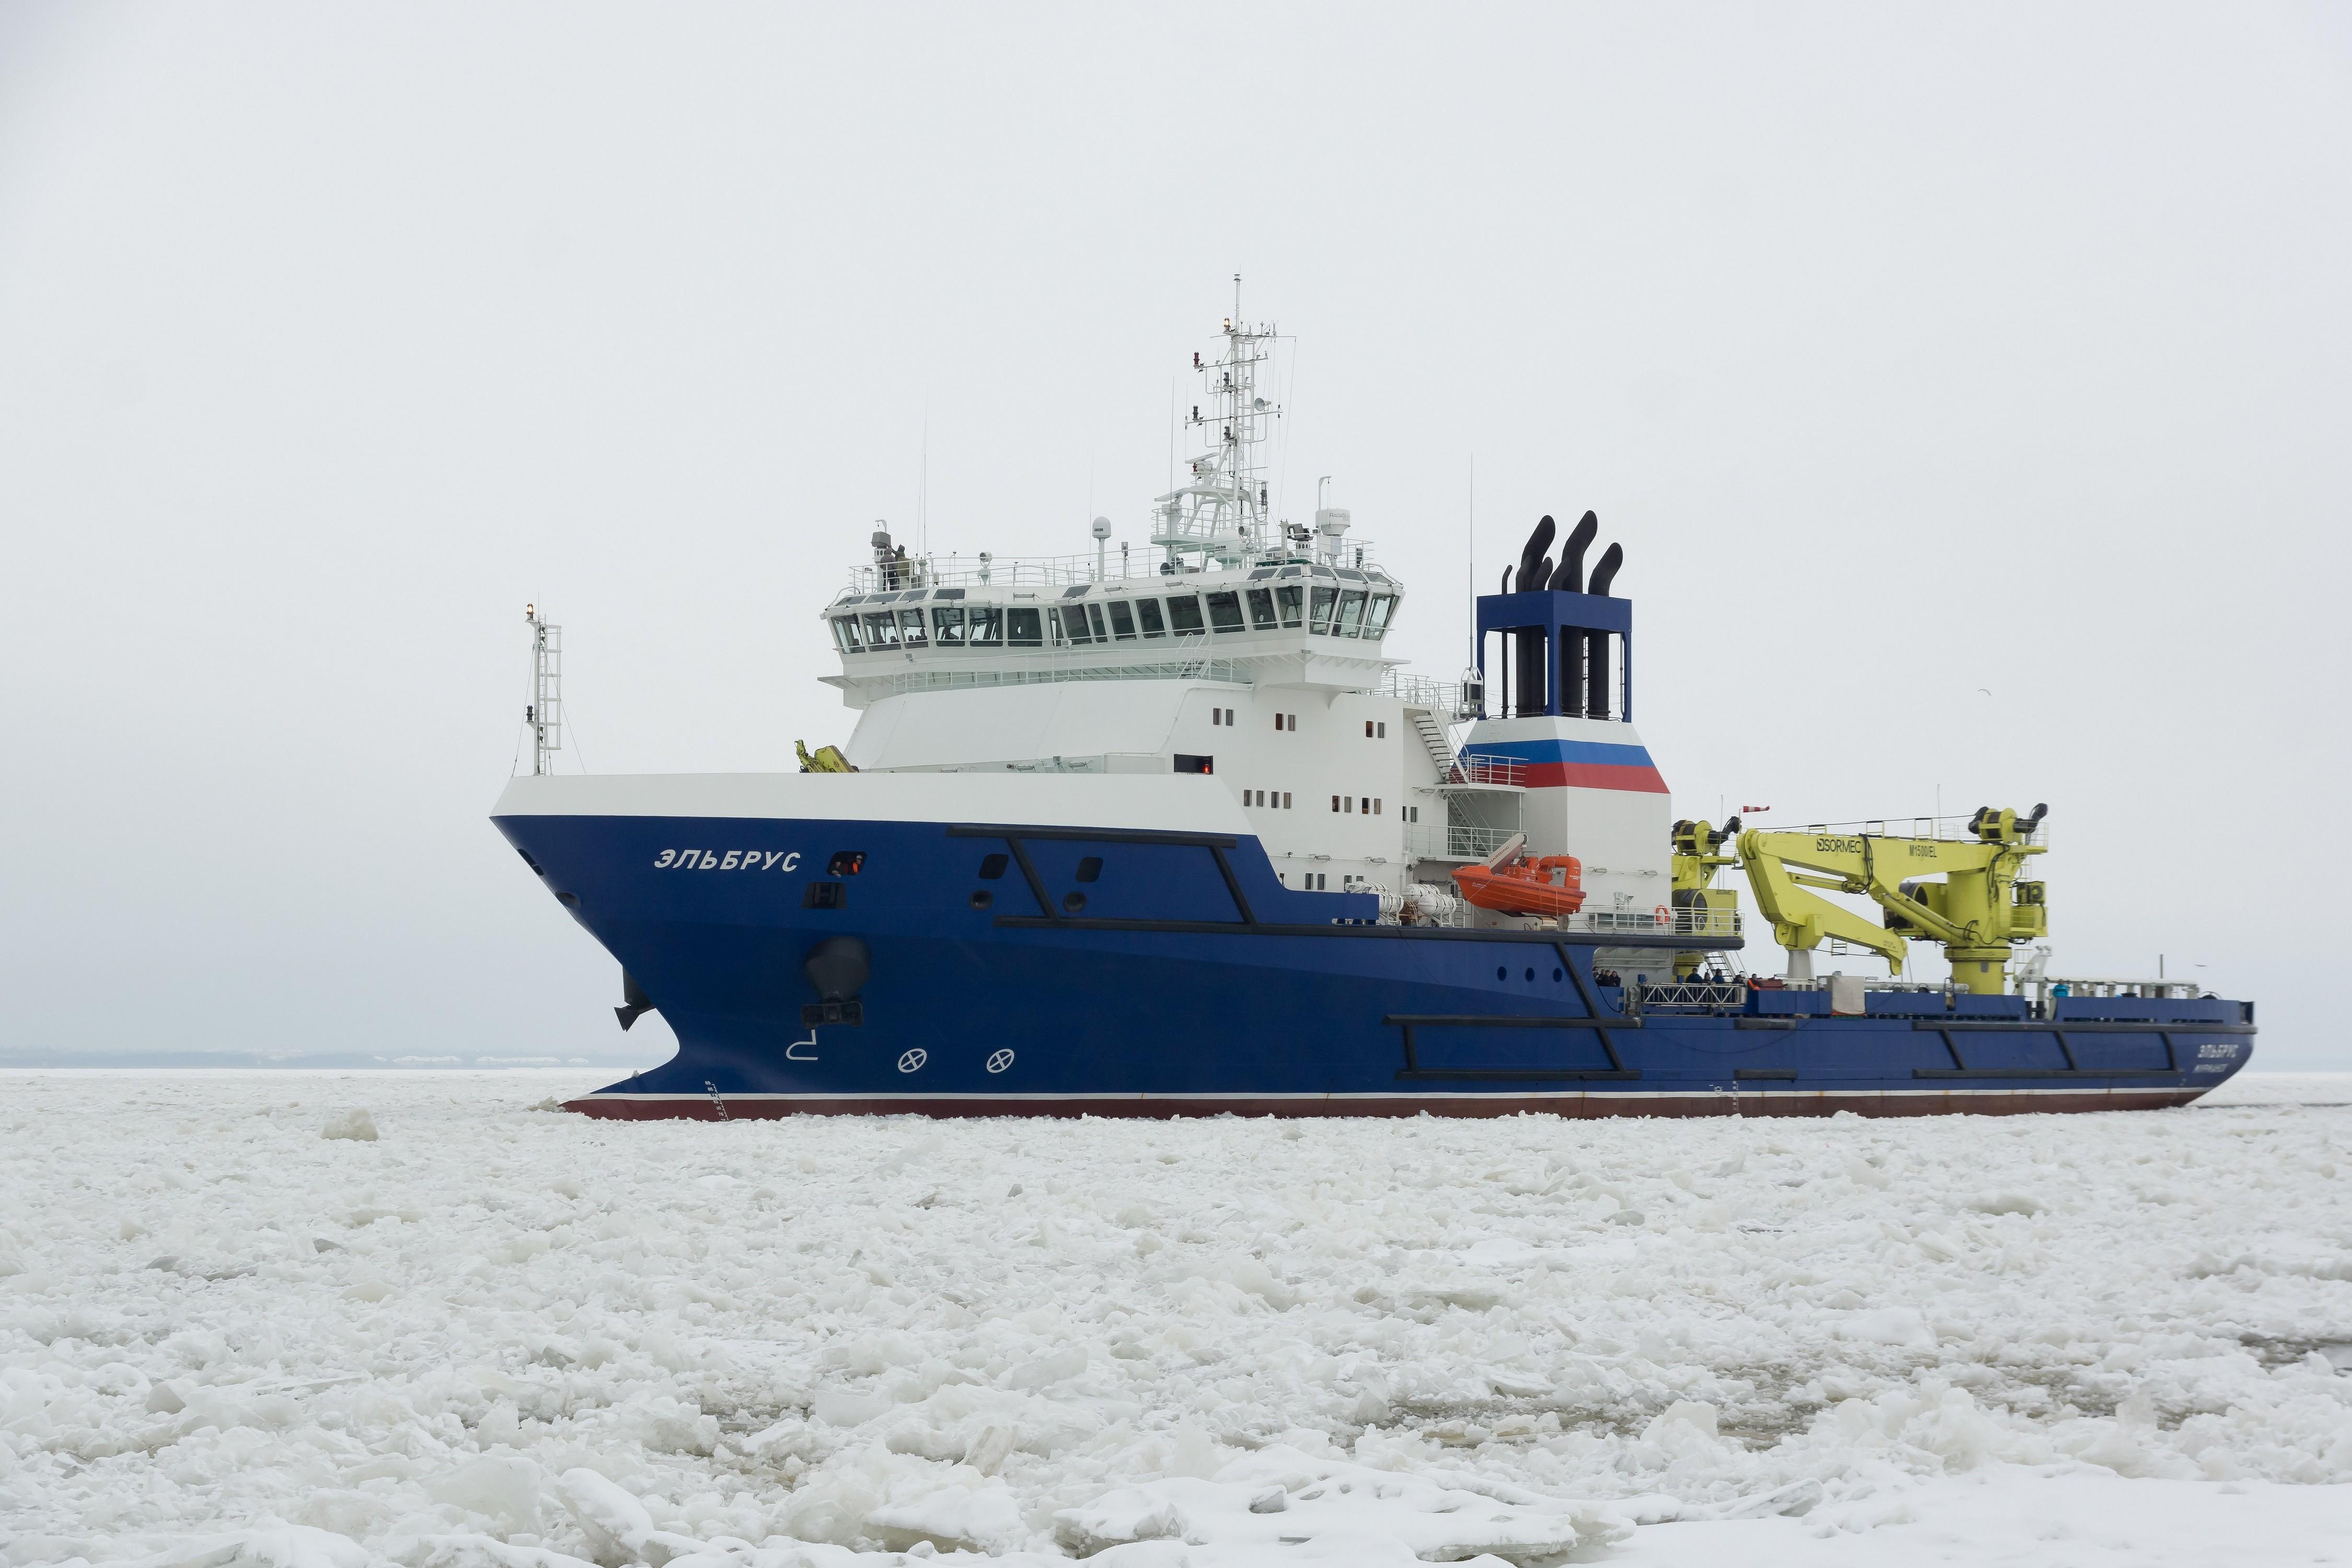 ткани Алматы, судно тылового обеспечения эльбрус проект 23120 сообщили управлении